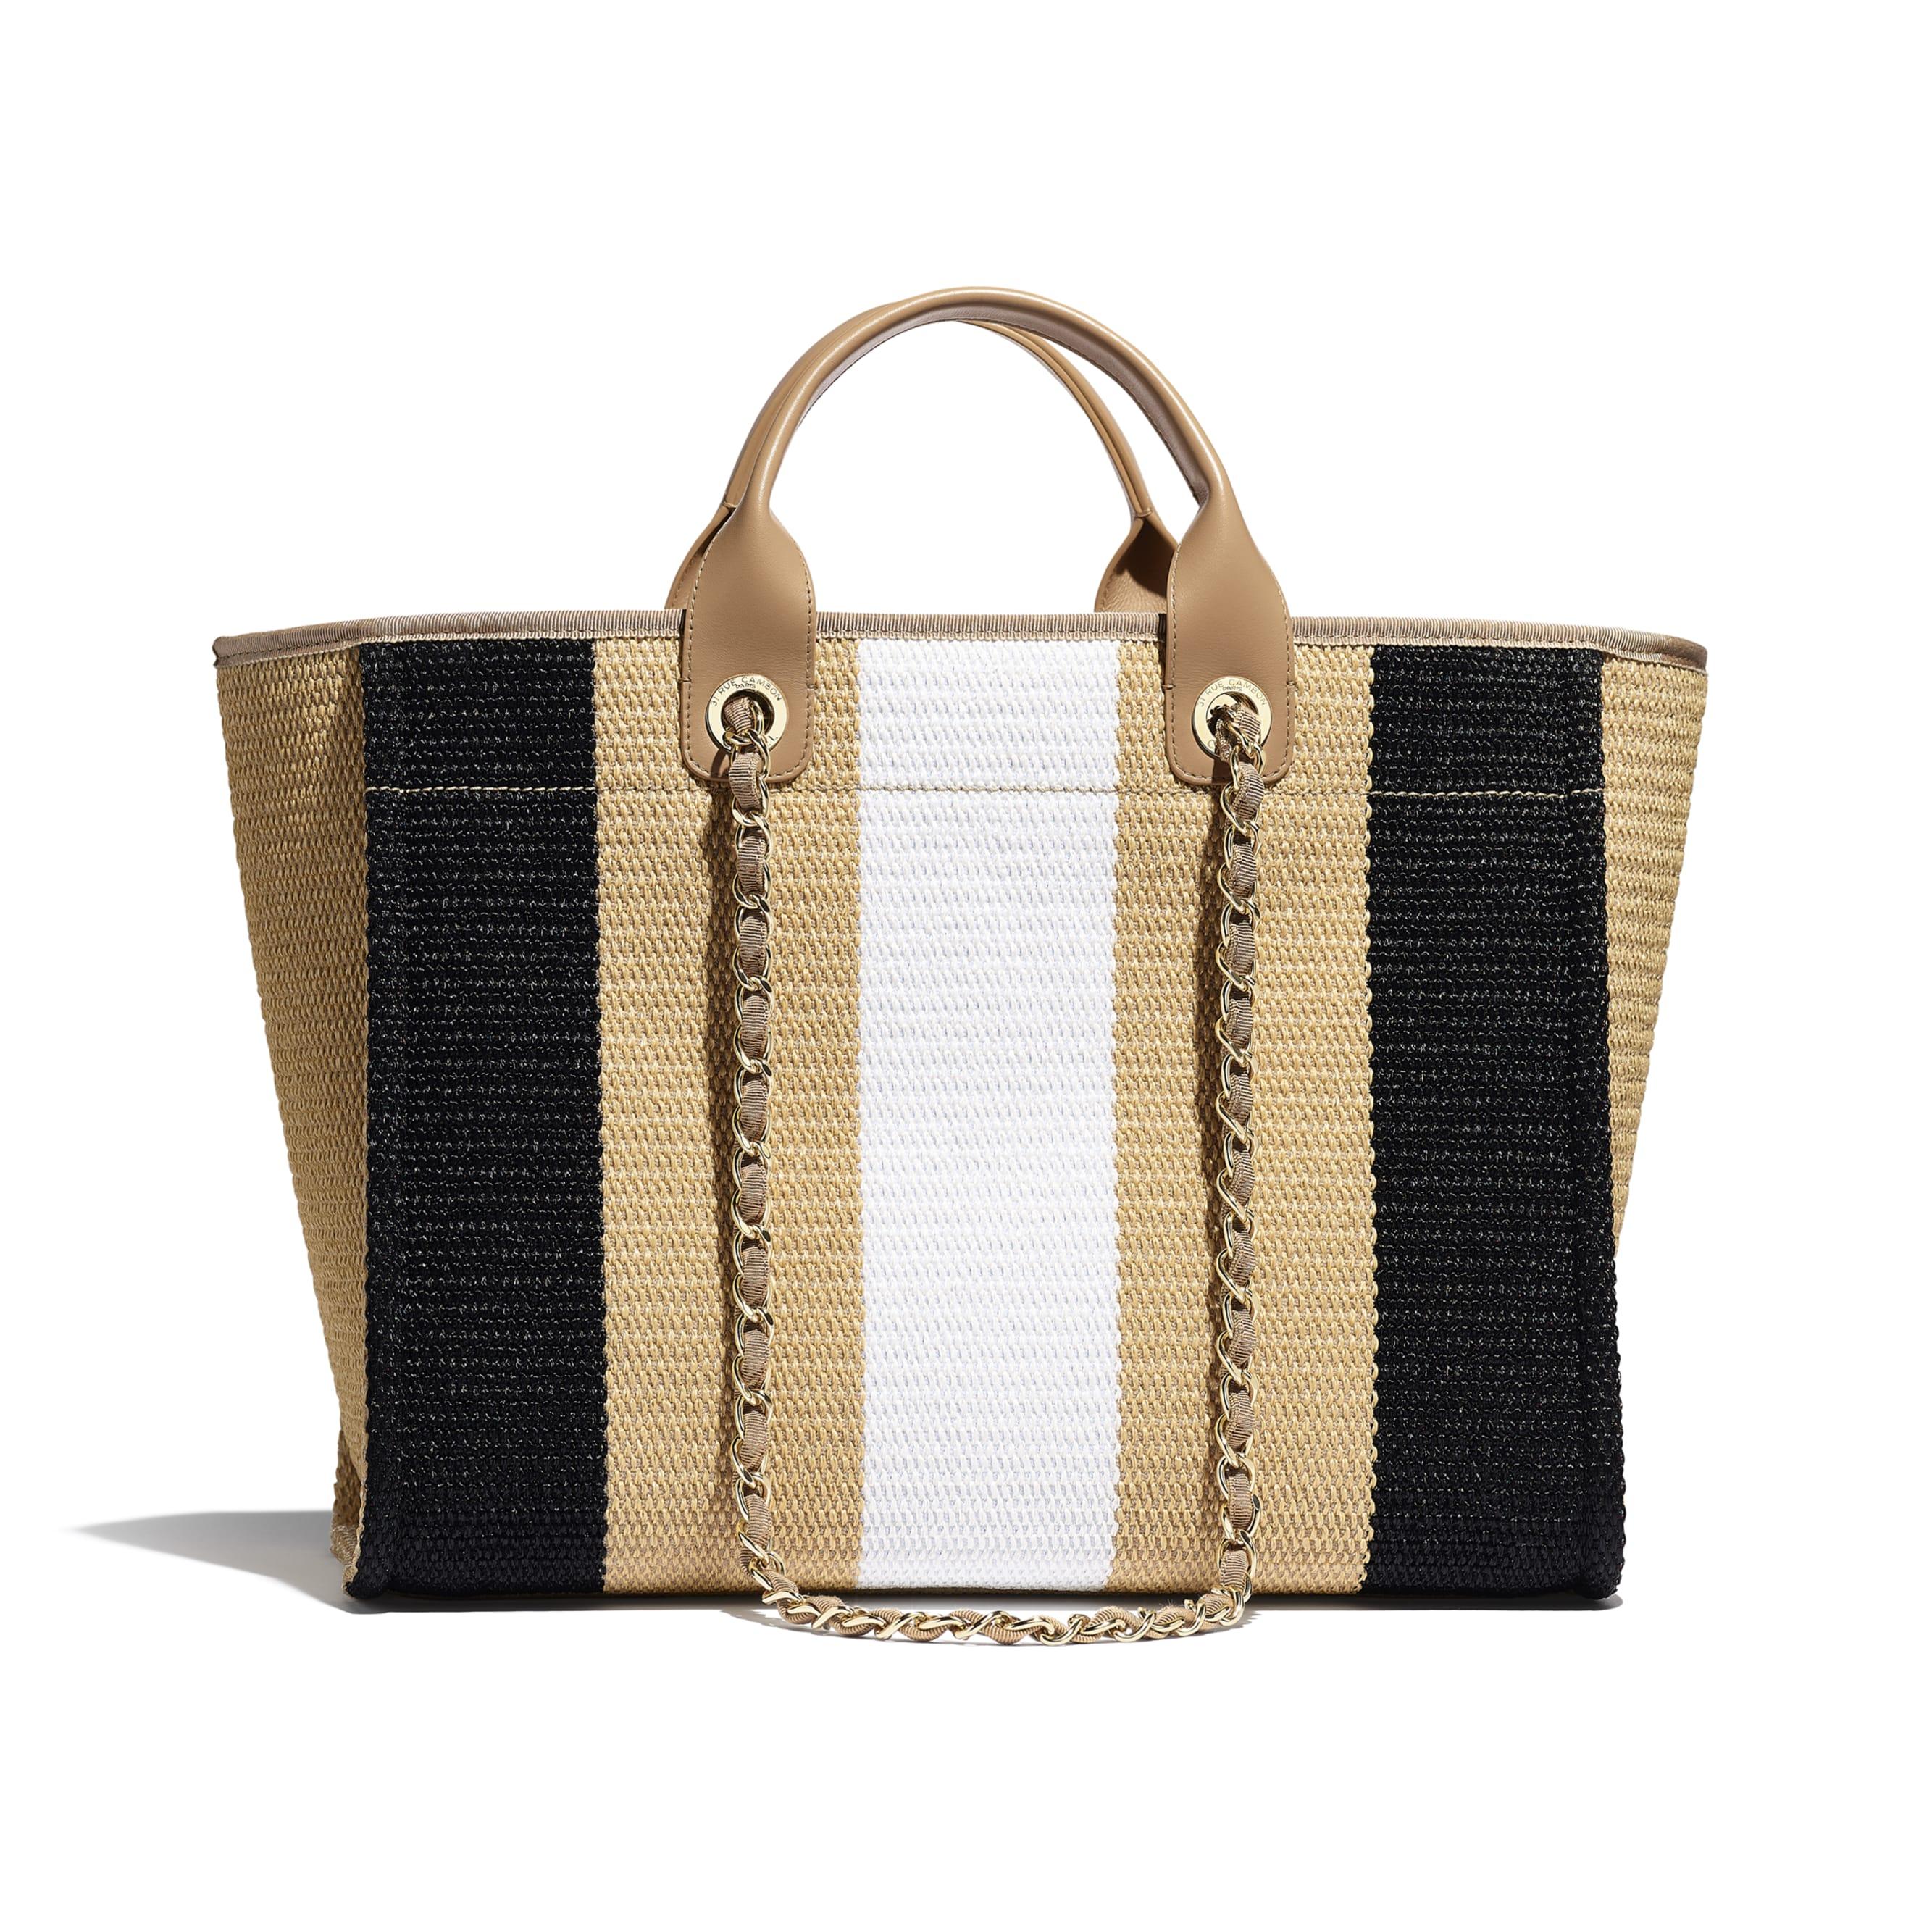 購物袋 - 米、黑及象牙色 - 人造絲、棉、小牛皮及金色金屬 - CHANEL - 替代視圖 - 查看標準尺寸版本